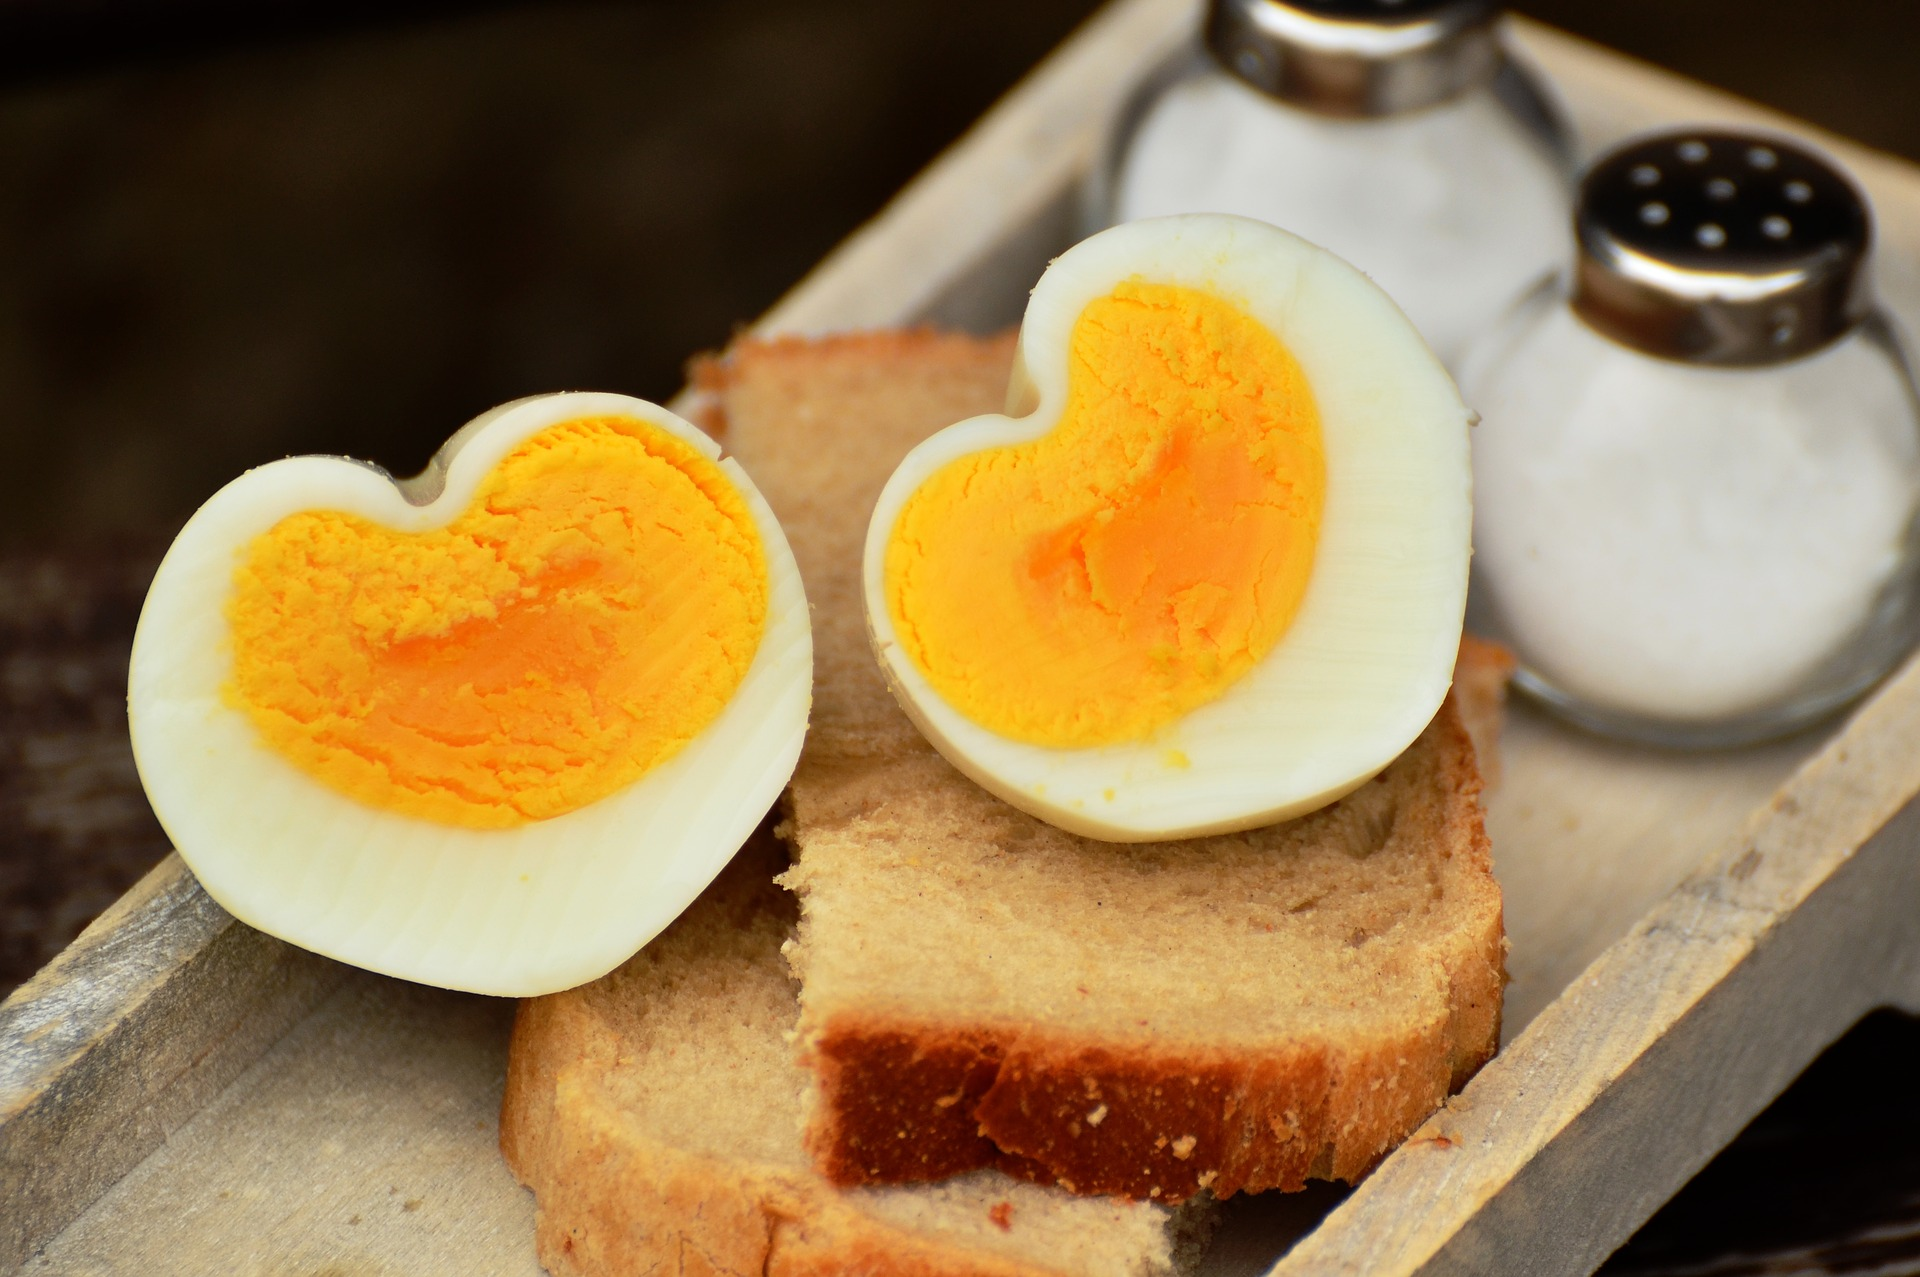 ゆで卵 ダイエット